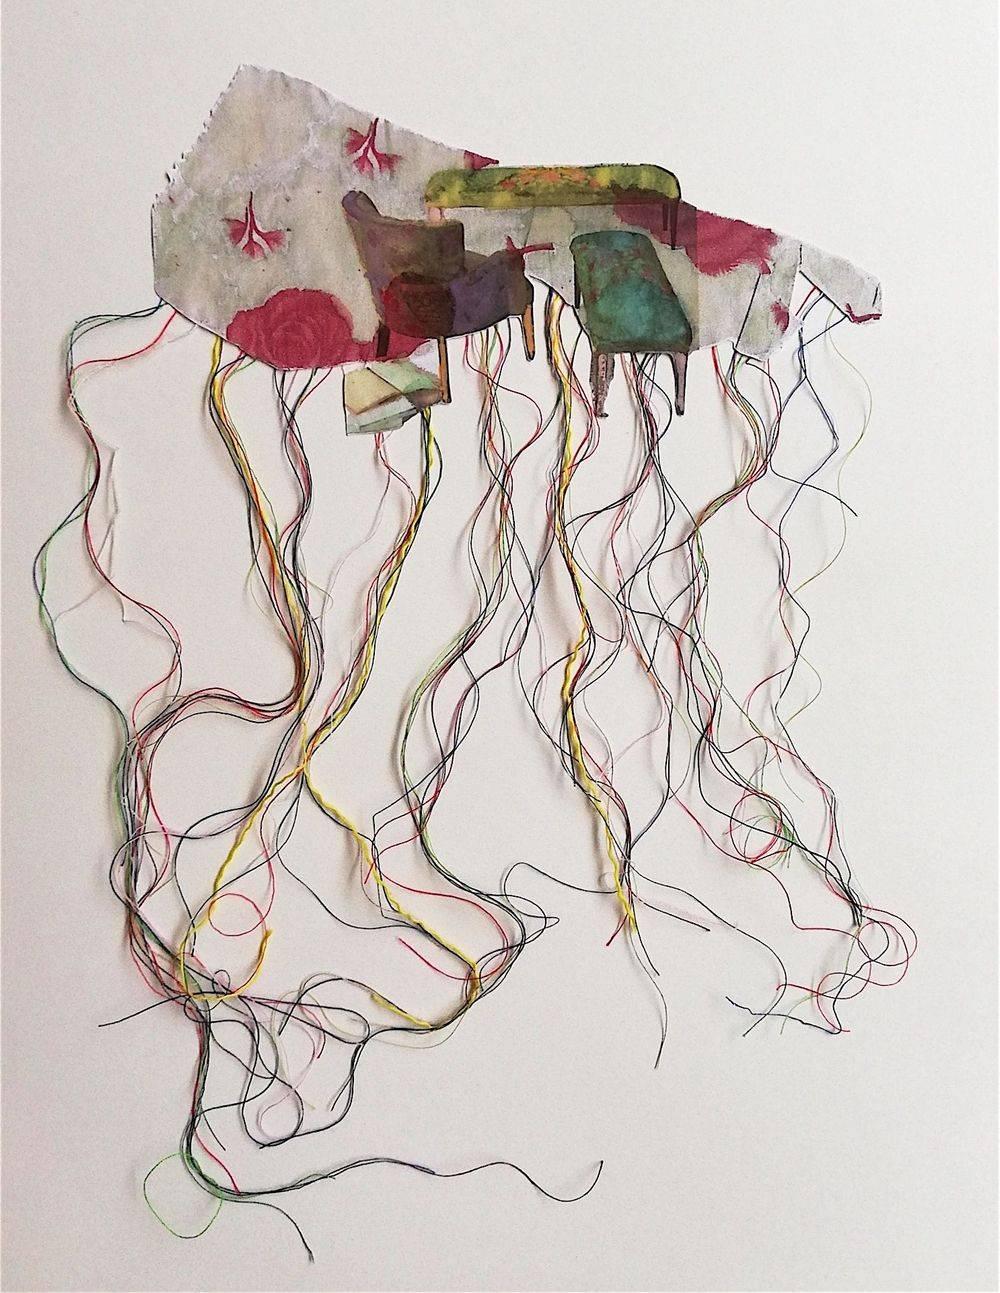 Aquarelle, Textile, Natures mortes, Intérieurs, Histoire de l'art